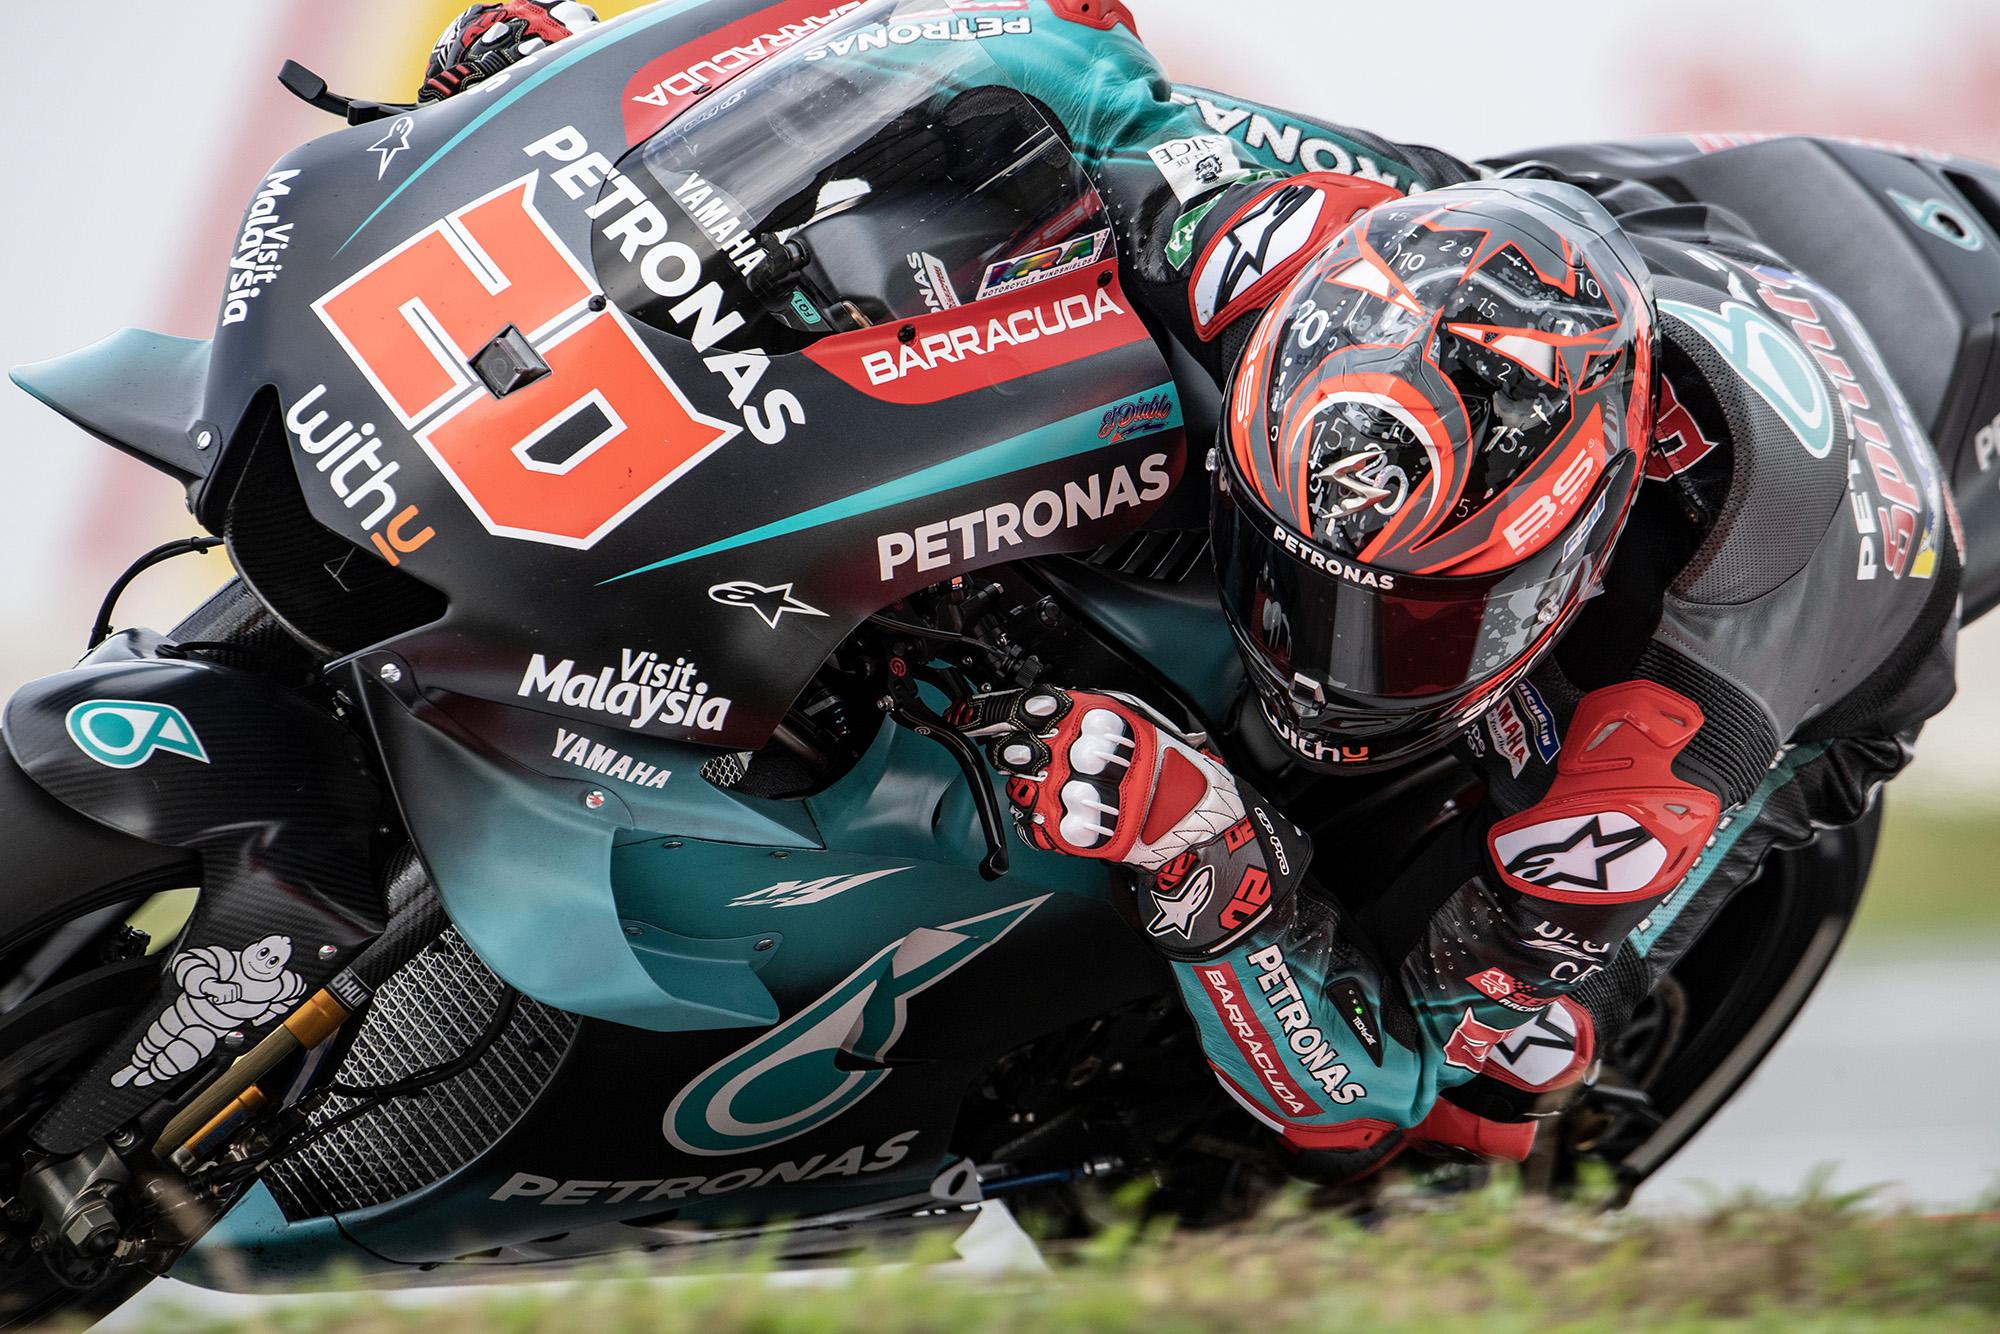 Fabio Quartararo at Sepang during the 2019 MotoGP Malaysian Grand Prix